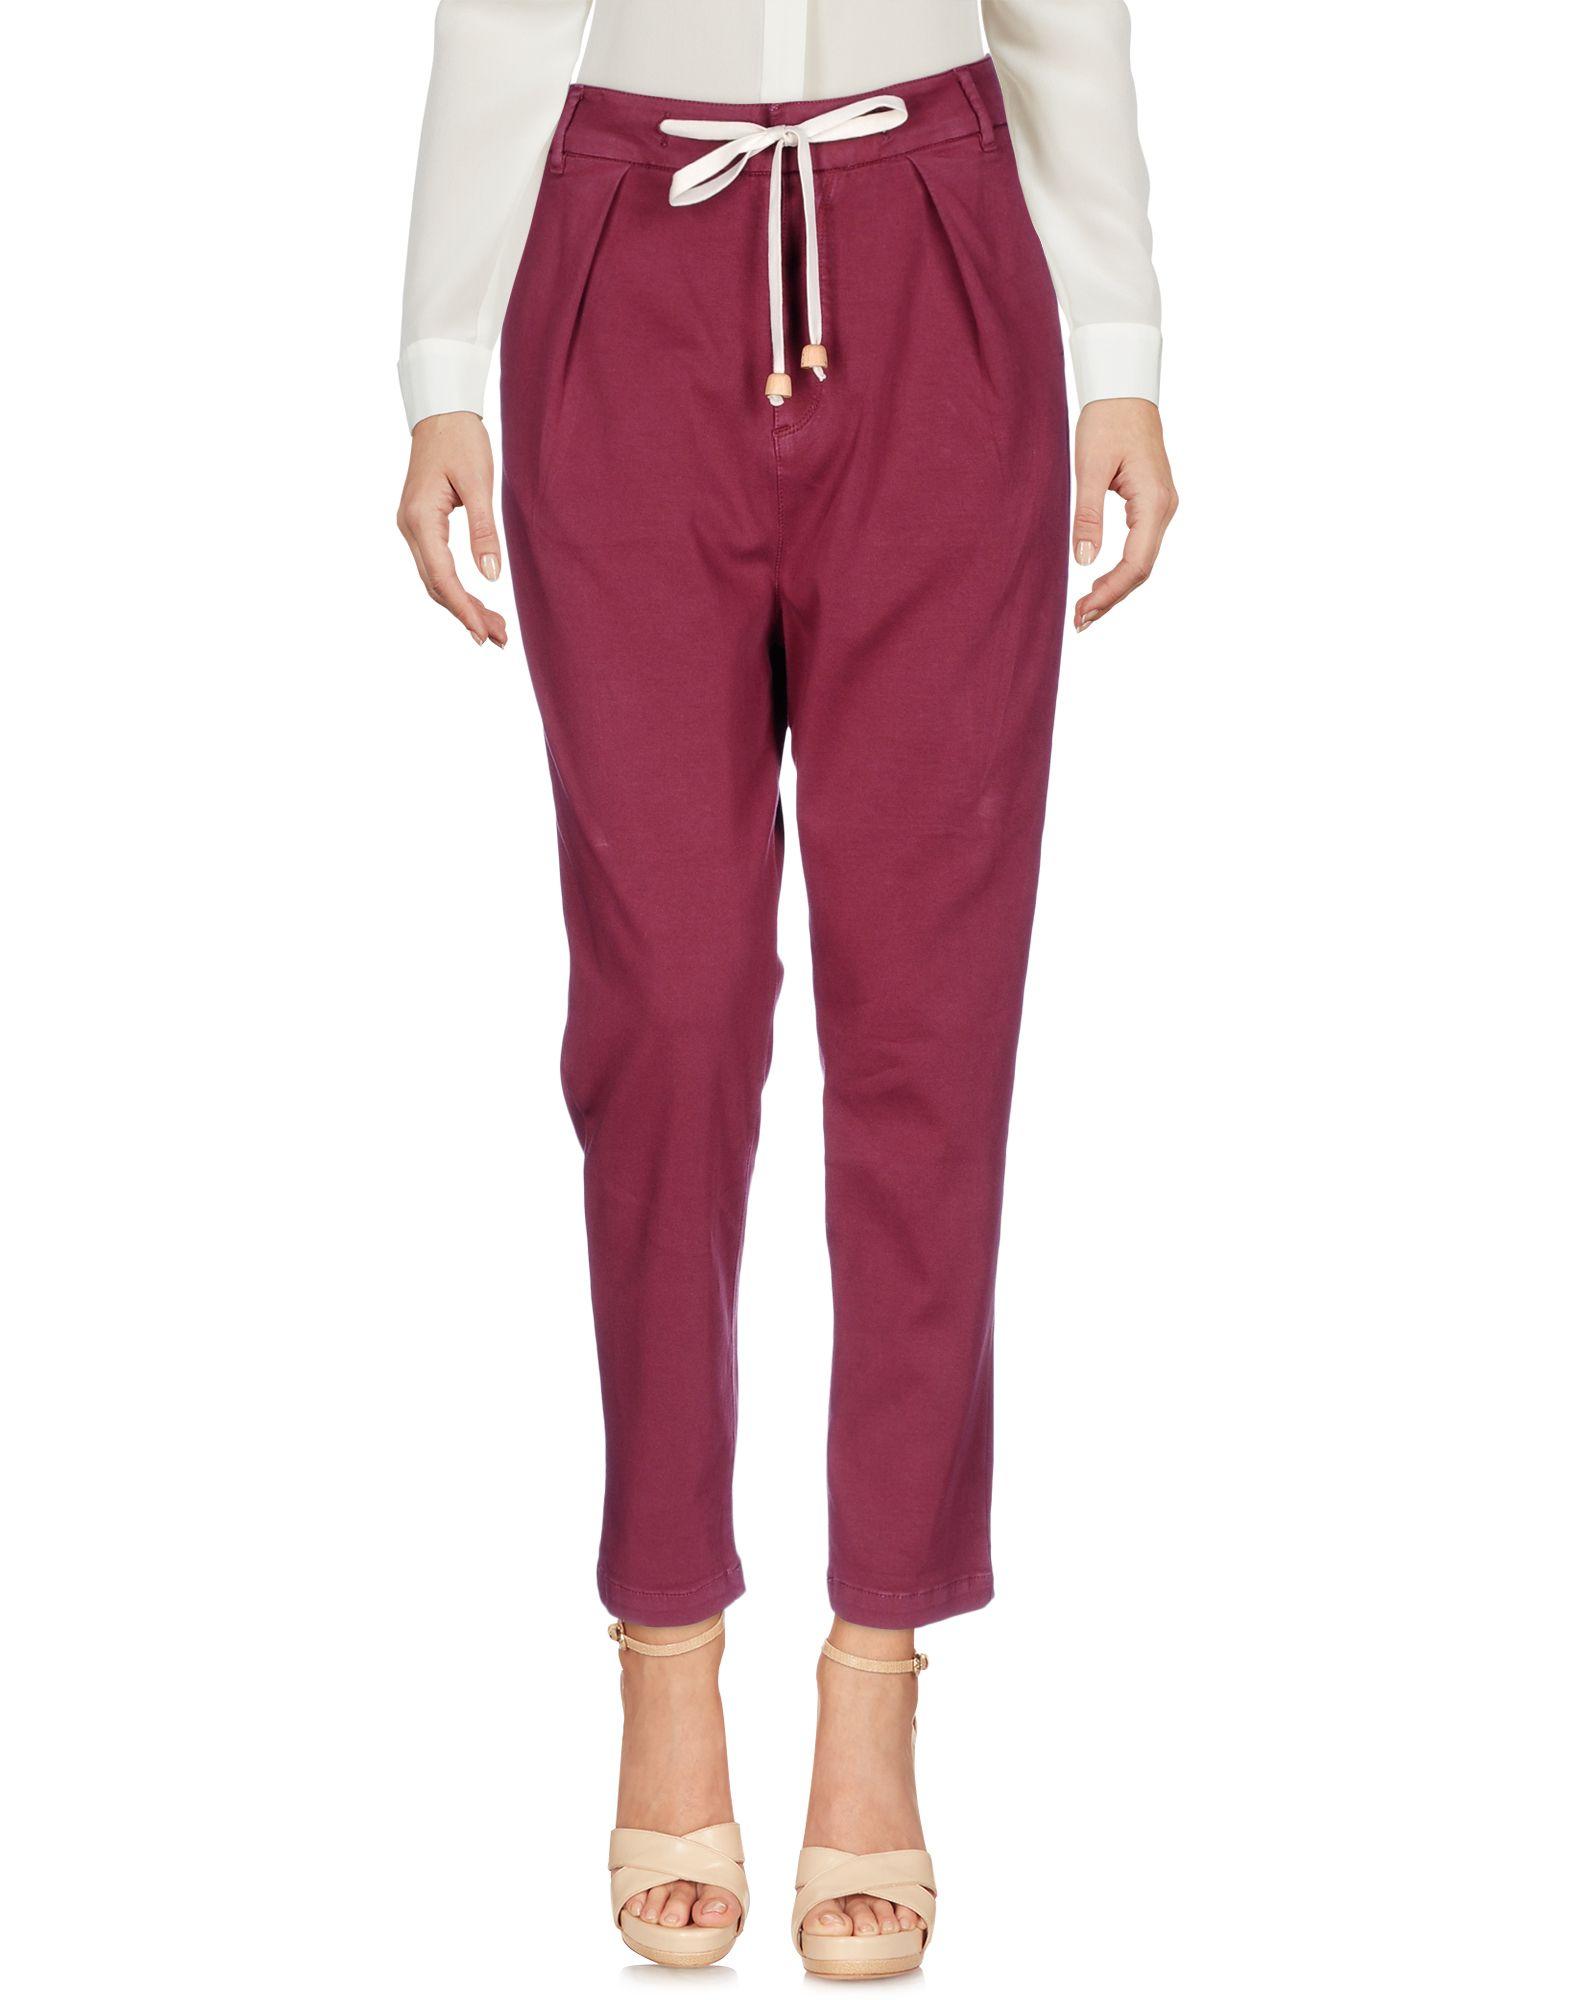 HAIKURE Повседневные брюки антарктические повседневные брюки деловые мужские хлопок прямые повседневные брюки m006 cangqing 40